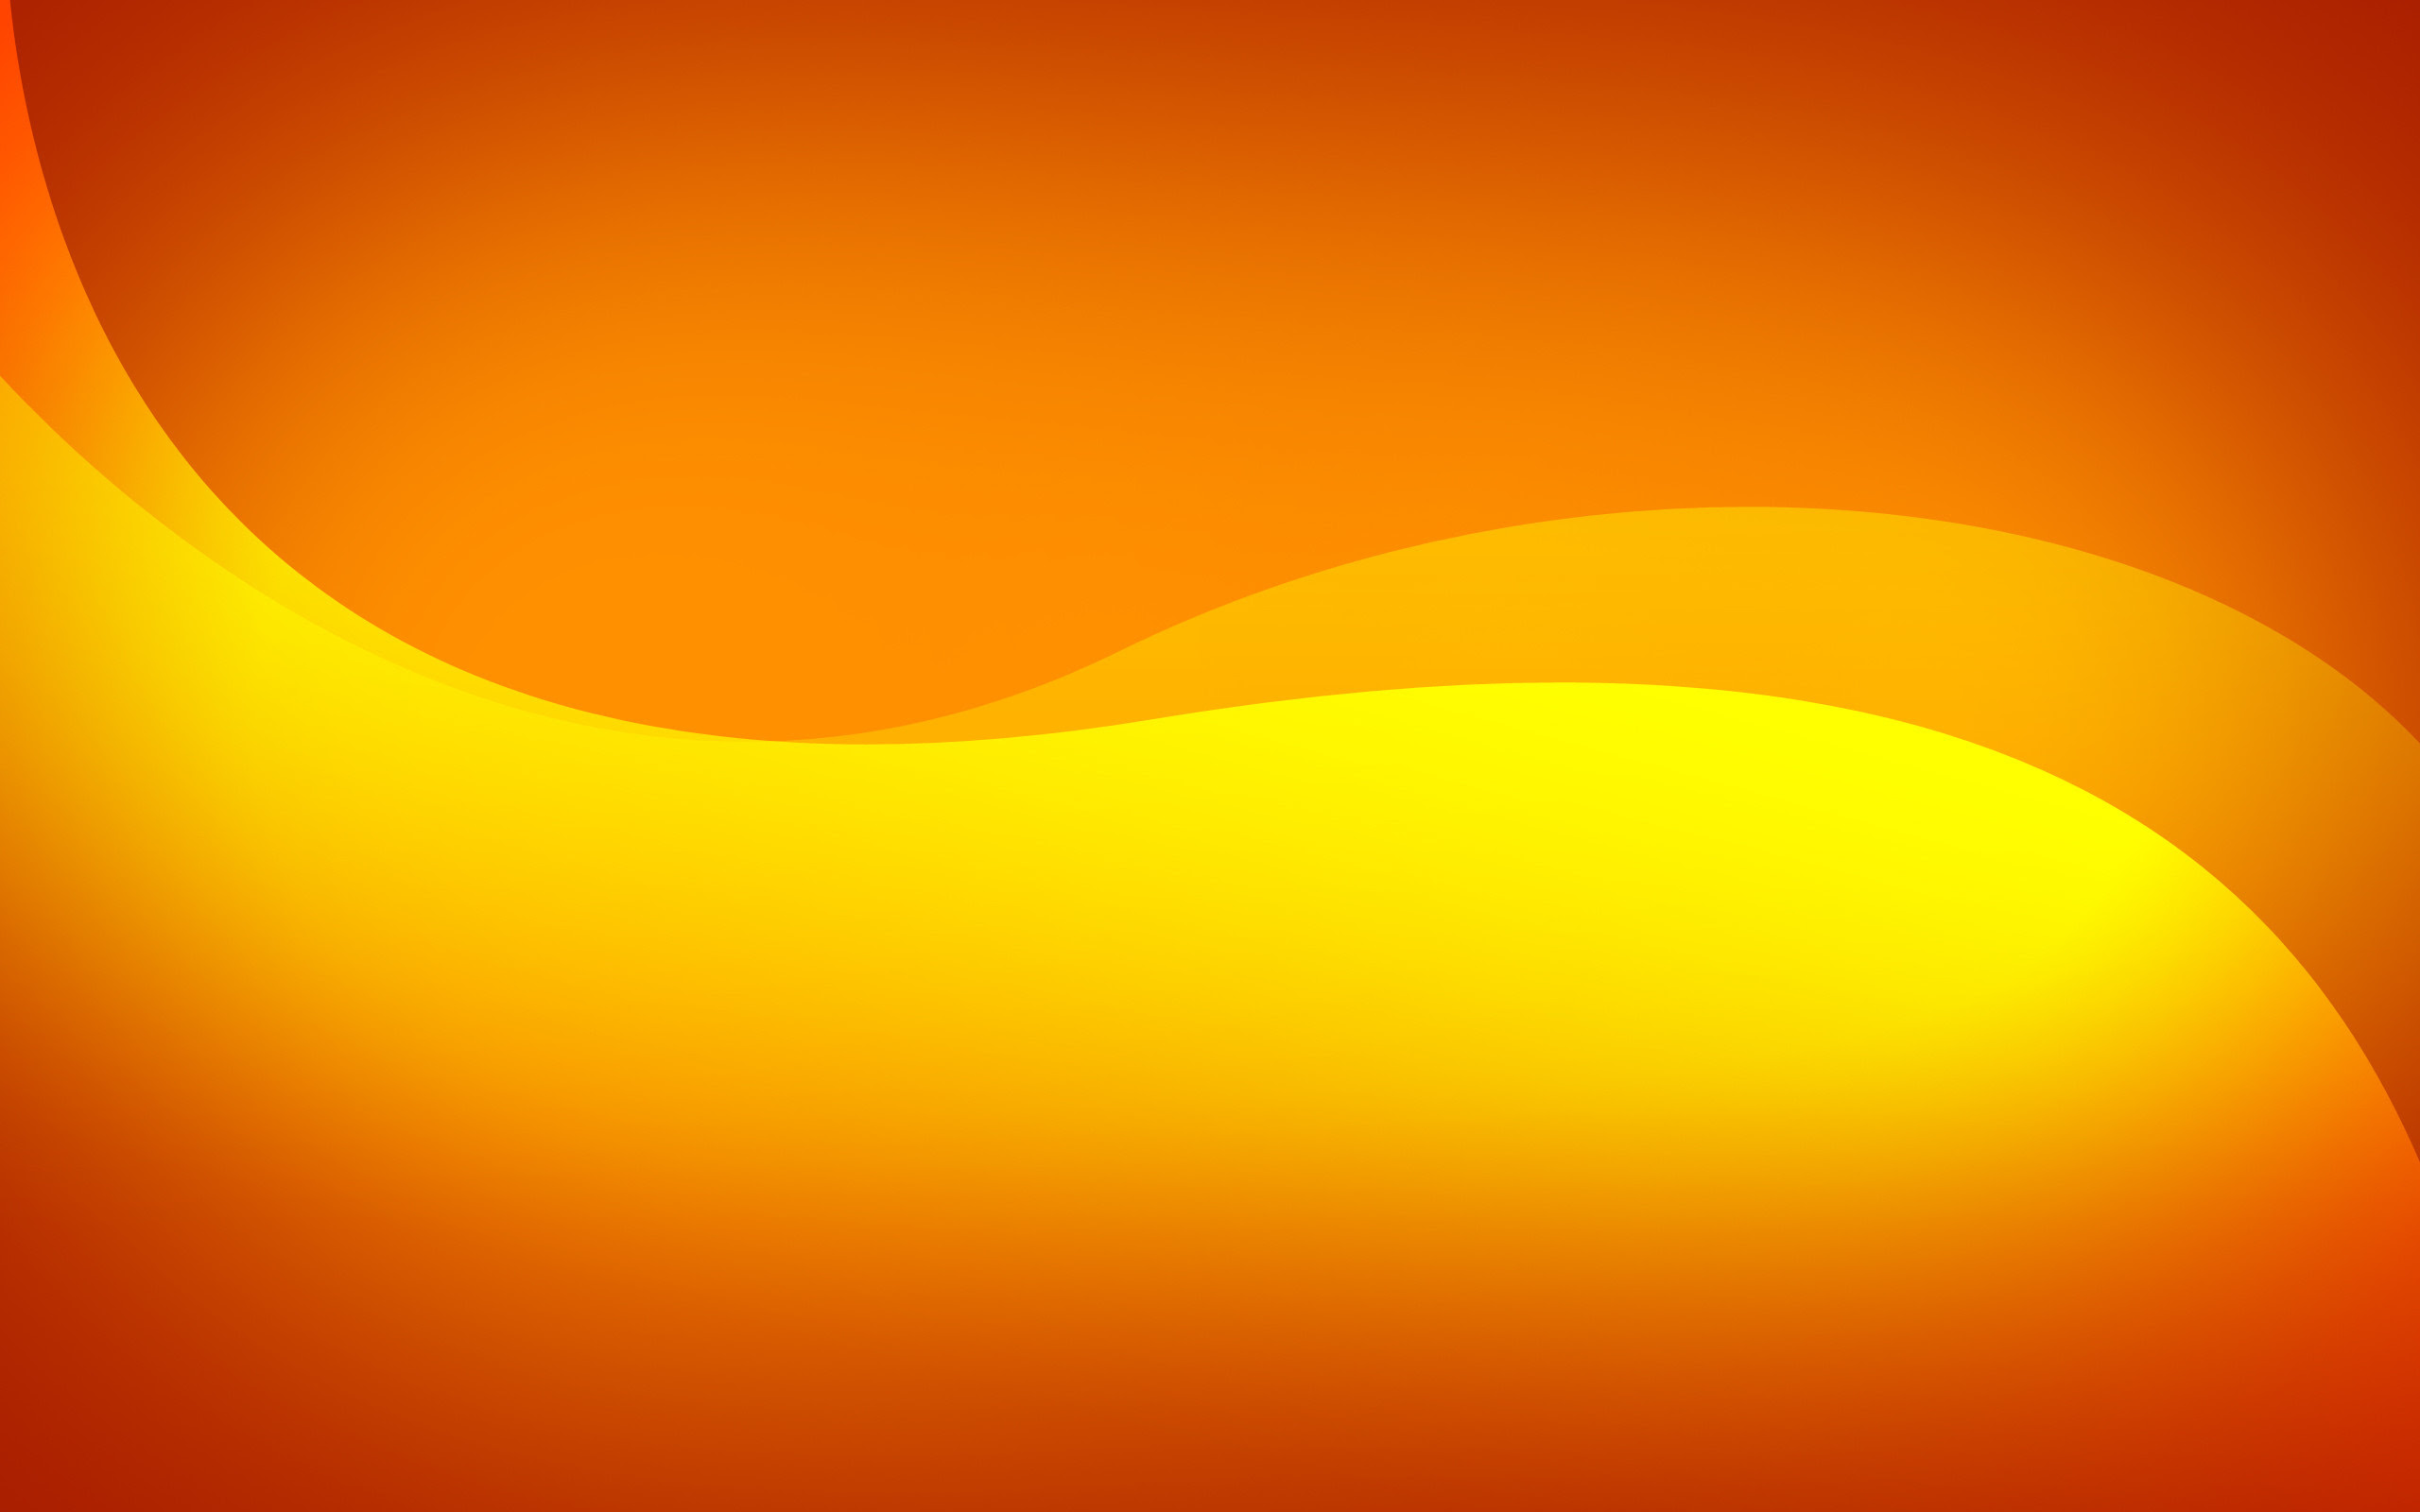 Unduh 440+ Background Abstrak Orange Gratis Terbaik